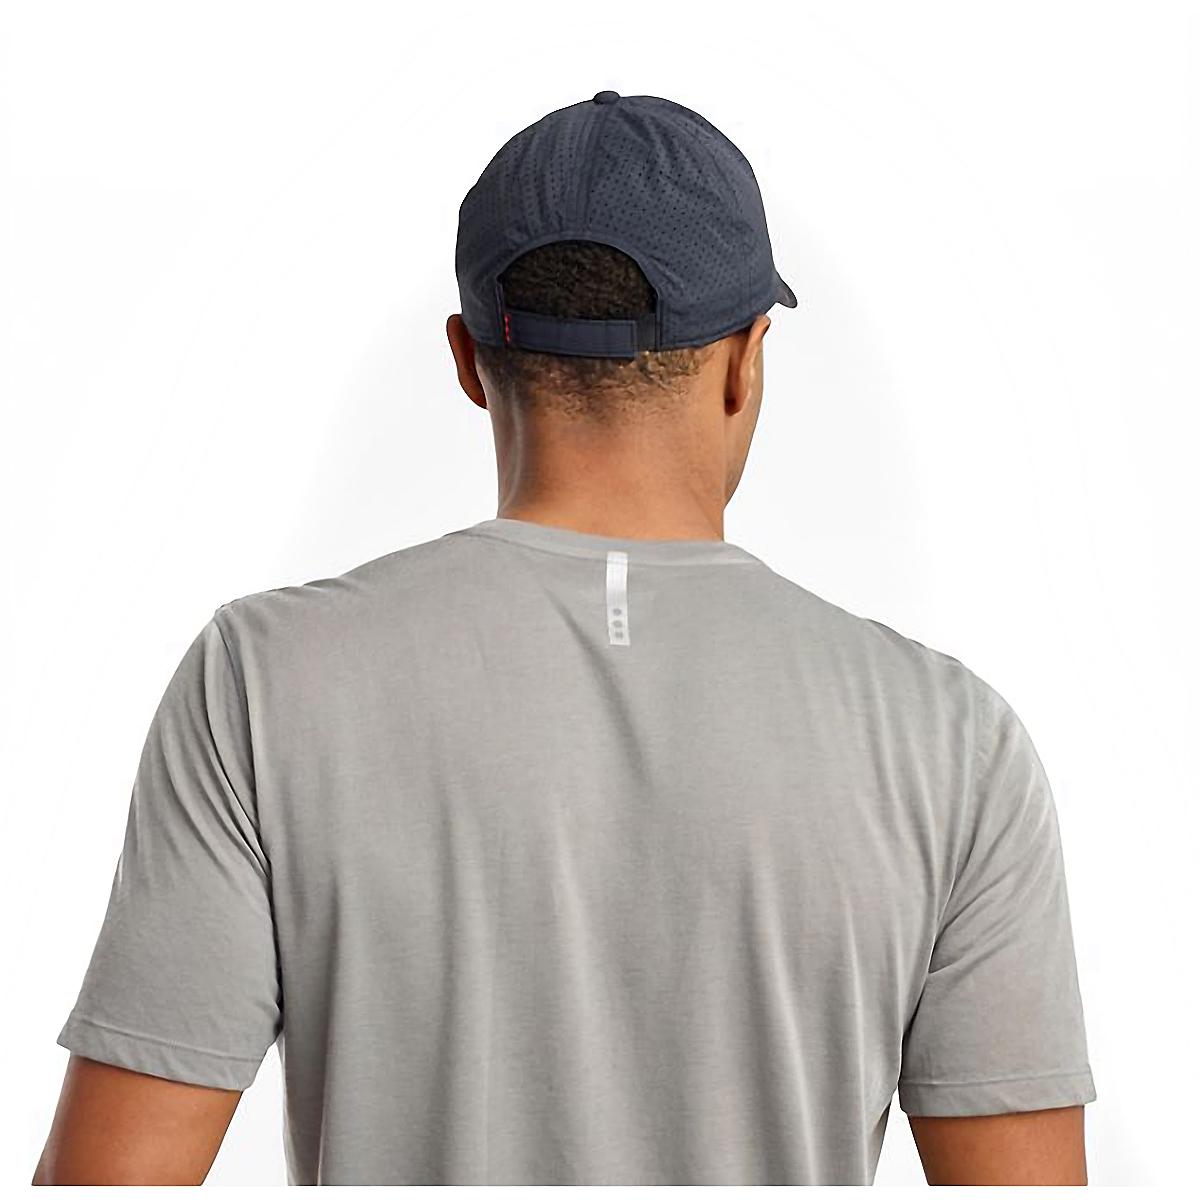 Saucony Doubleback Hat - Color: Black, Black, large, image 4